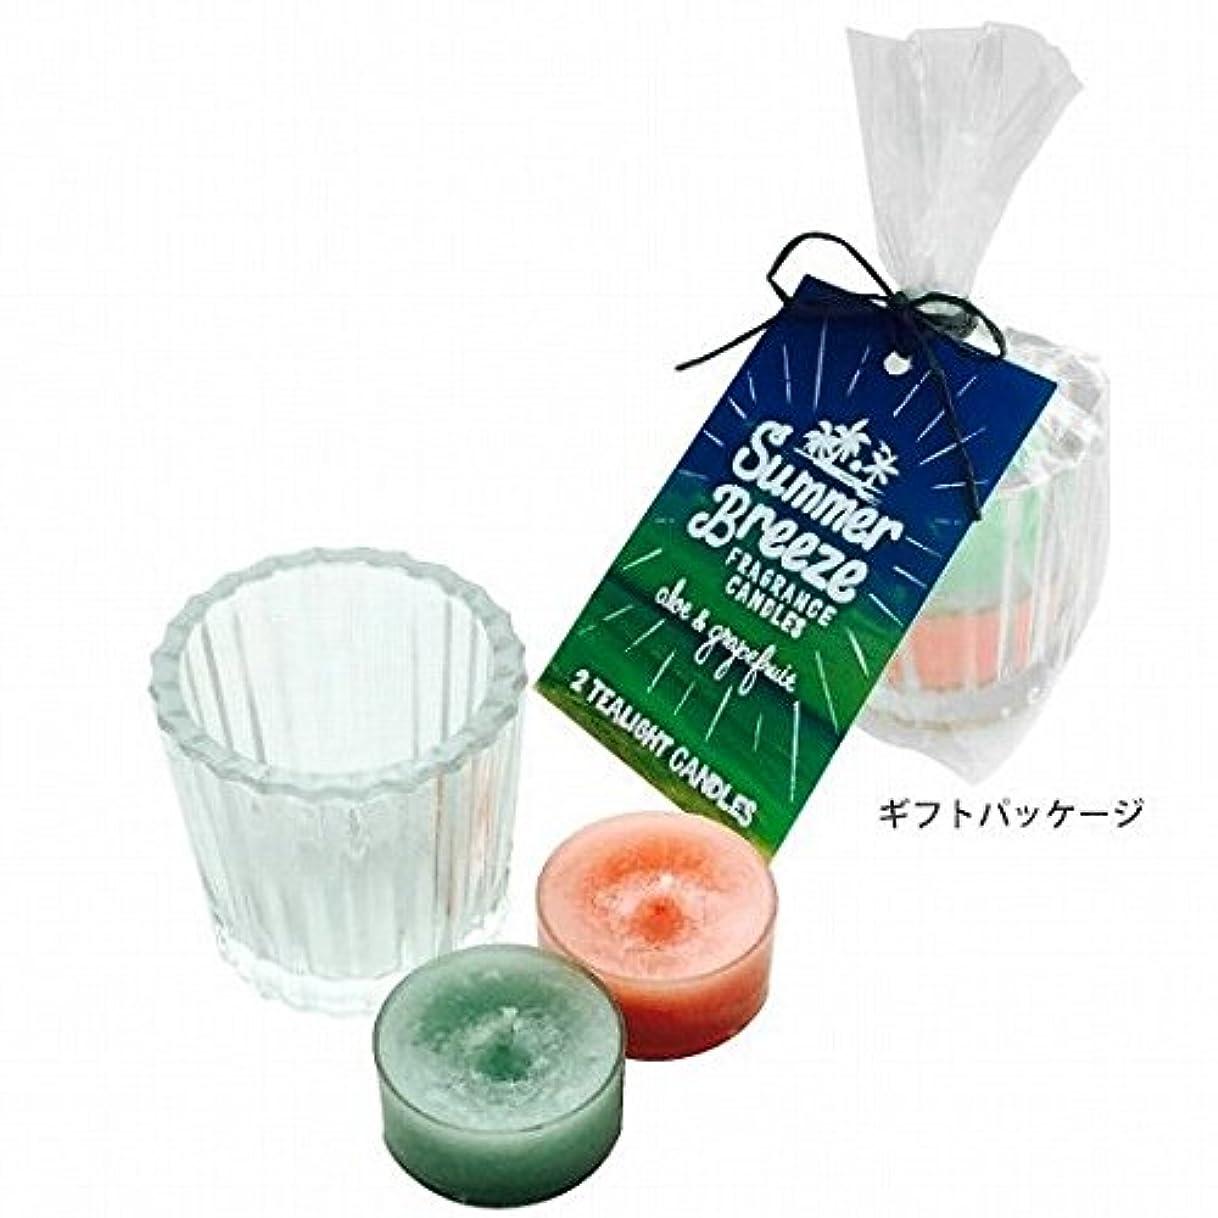 挨拶ベーコン変更可能kameyama candle(カメヤマキャンドル) サマーブリーズティーライトキャンドルセット(K5090001)